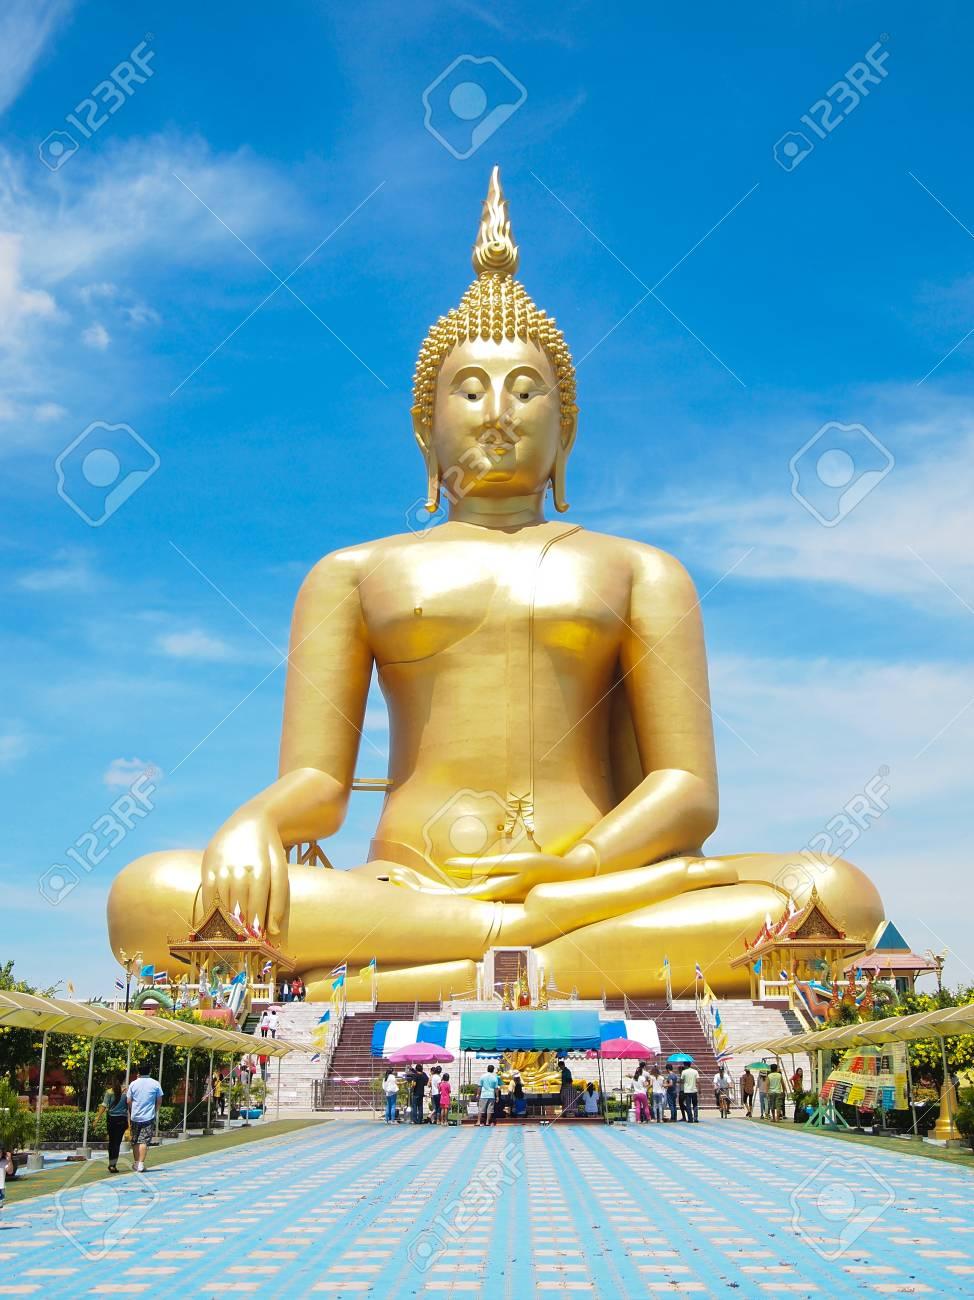 Big golden Buddha at Wat Muang of Ang Thong province Thailand Stock Photo - 28451085